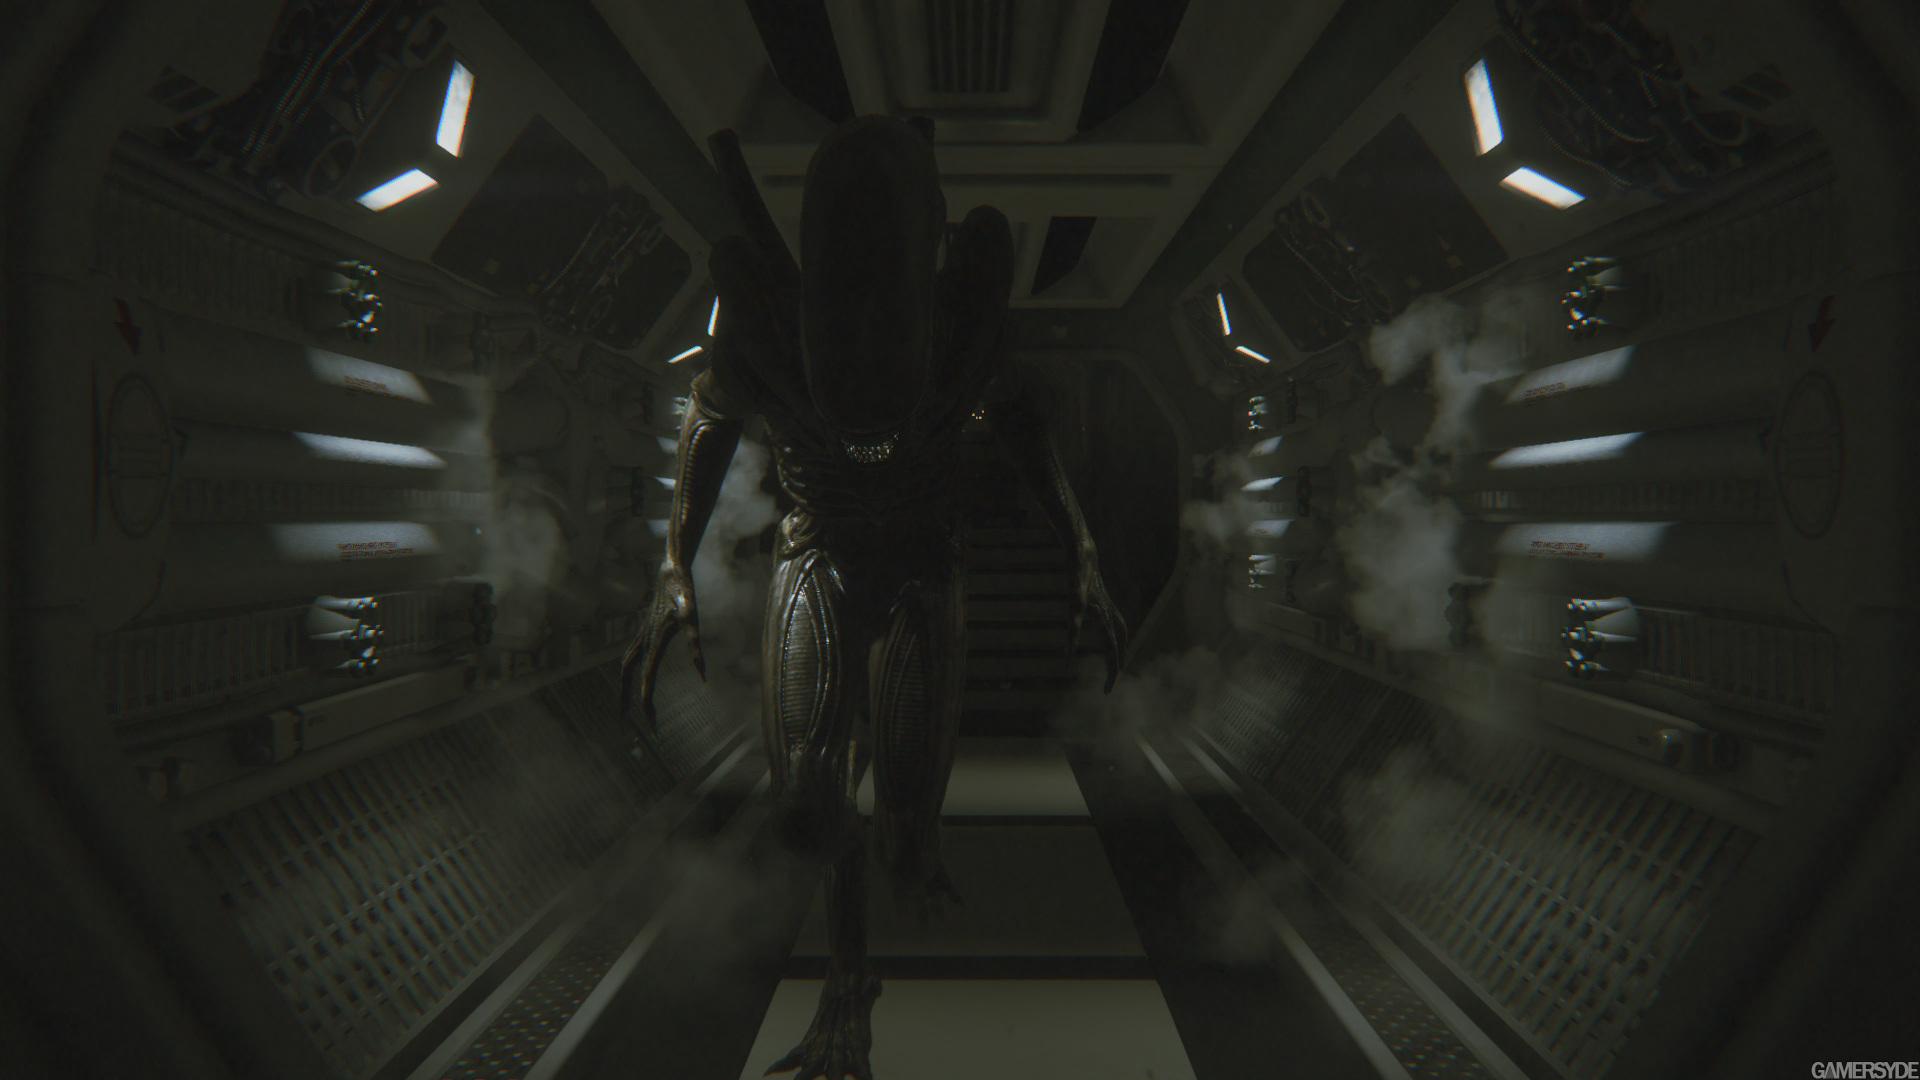 Alien Isolation]§ |Hilo oficial| En el espacio nadie podrá oir tus gritos -  Pag 12 - Foro Vandal